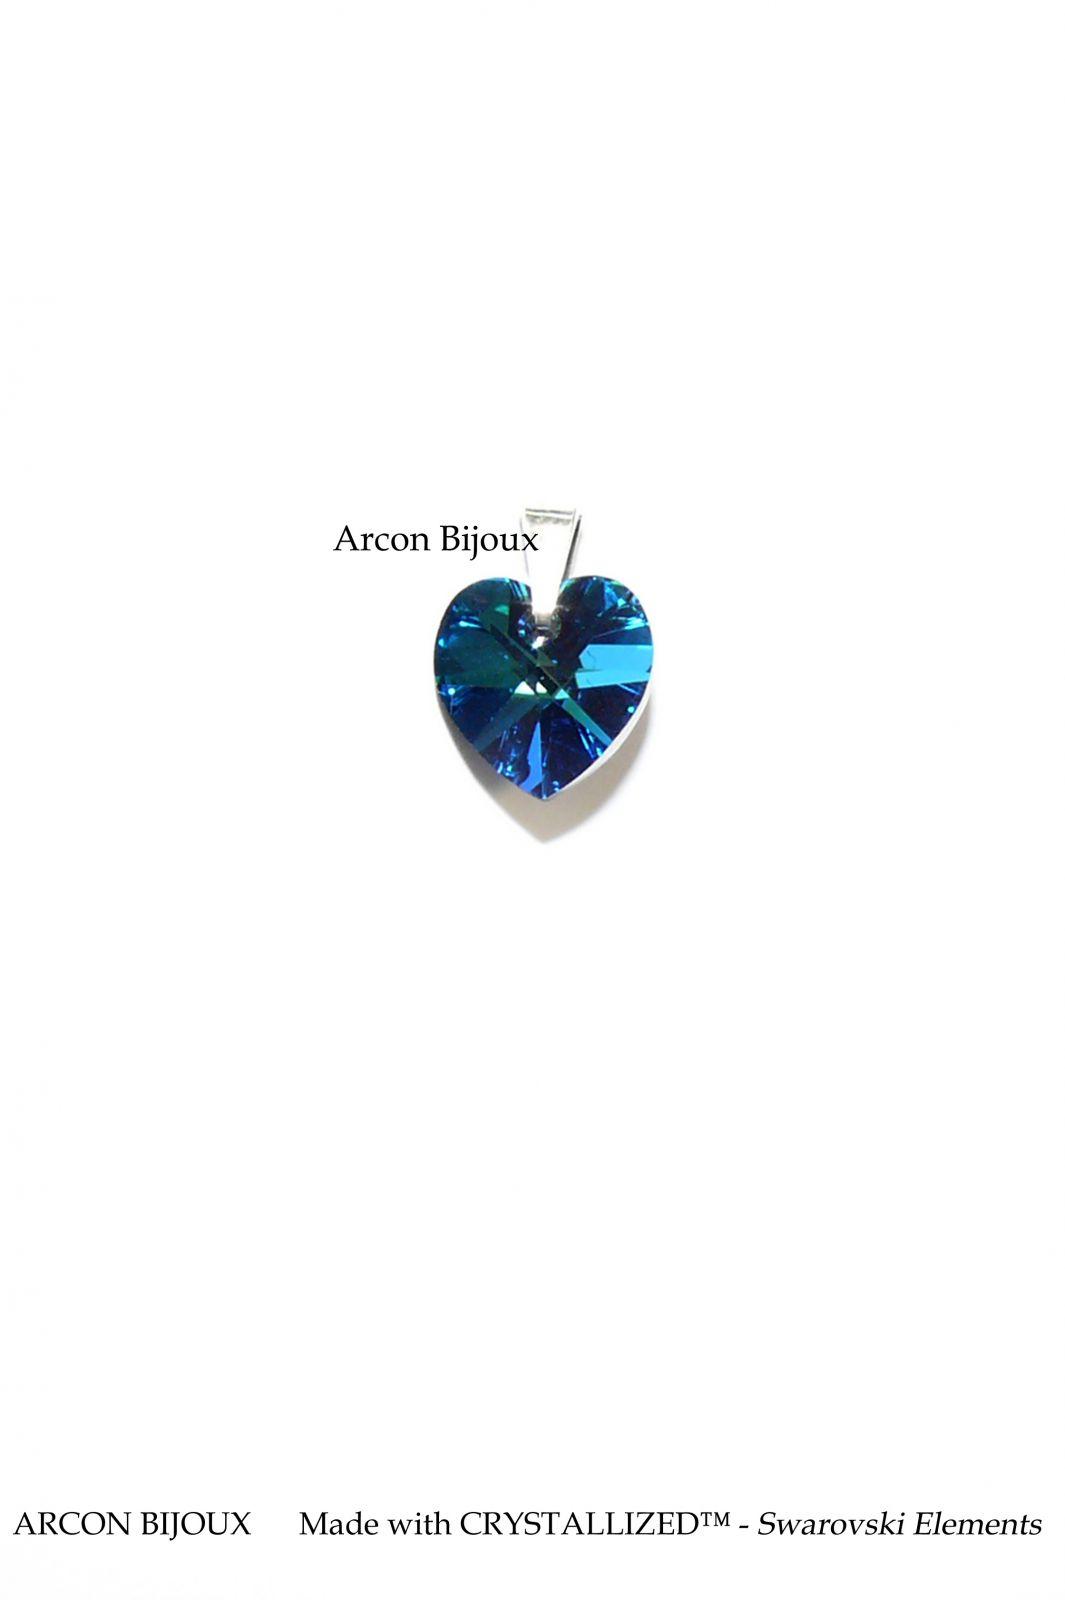 SWAROVSKI přívěsek srdce ARCON BIJOUX